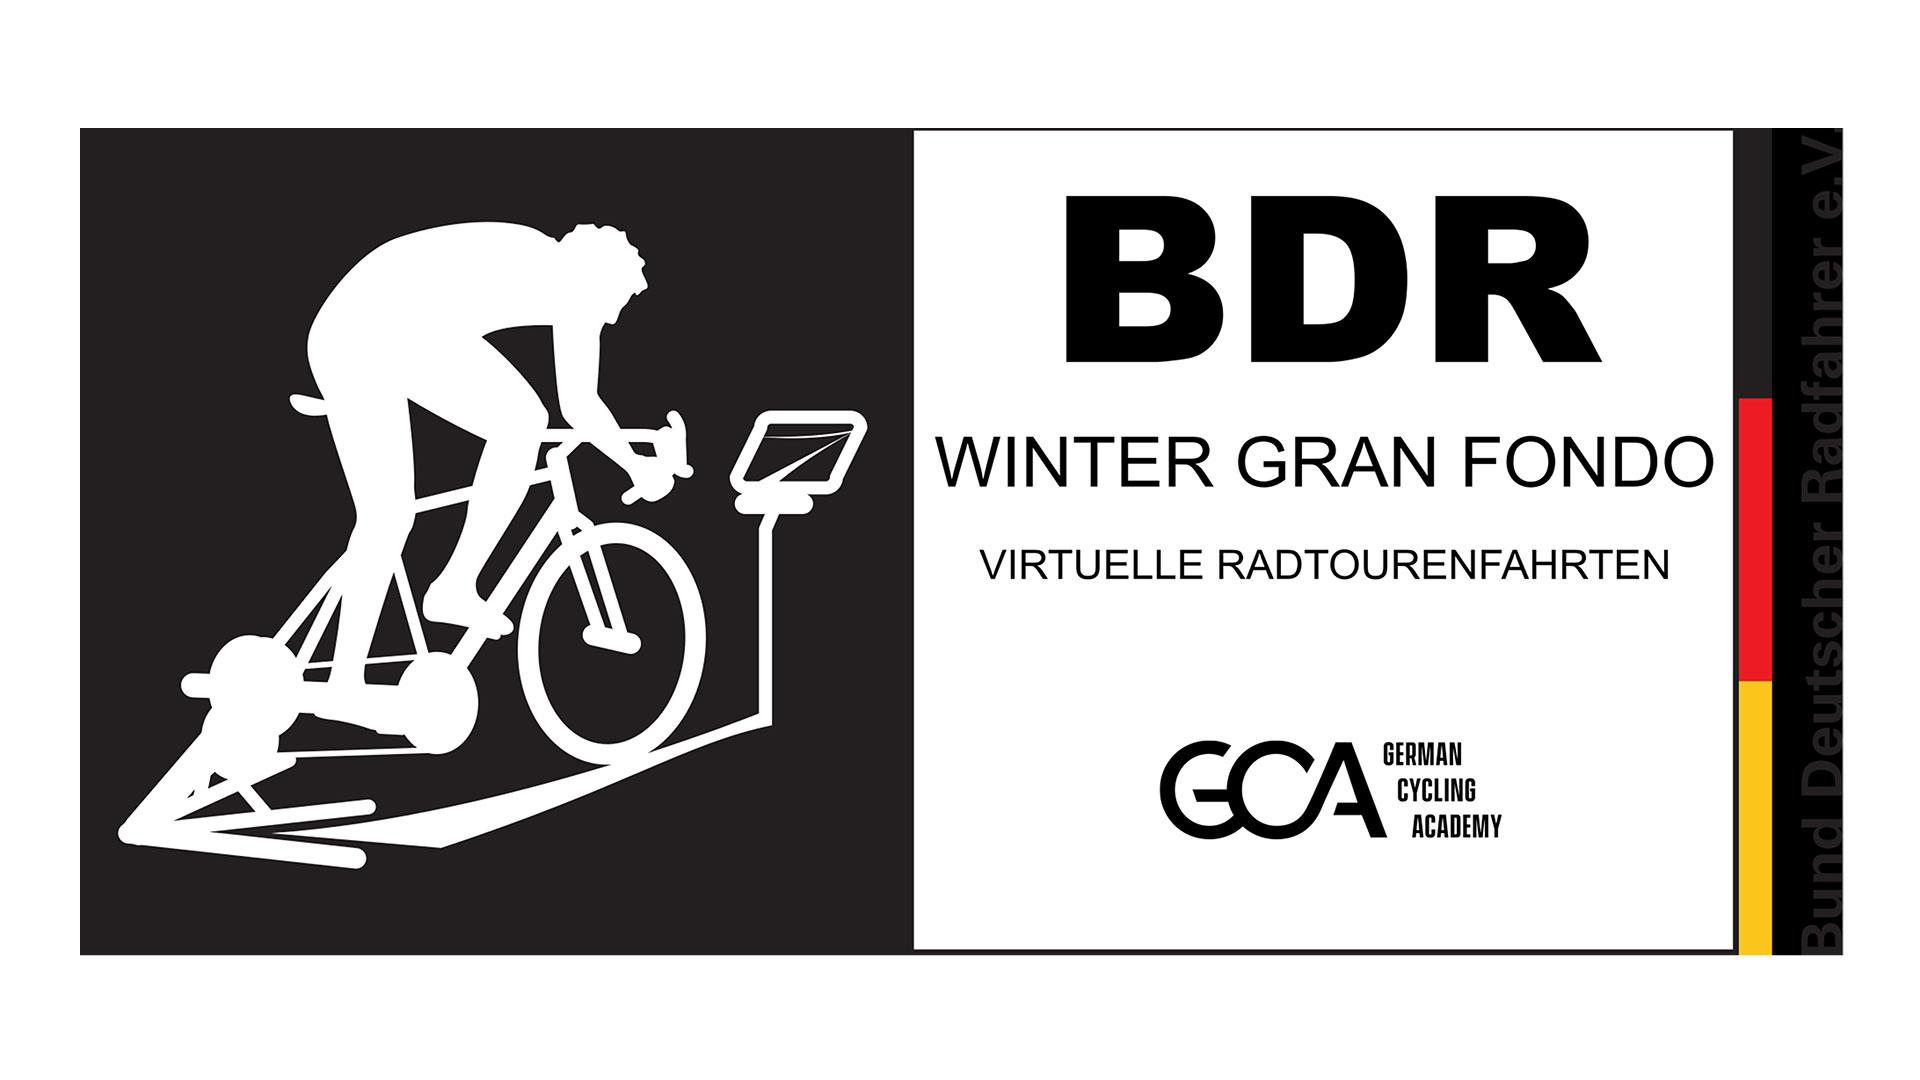 BDR Winter Grand Fondo